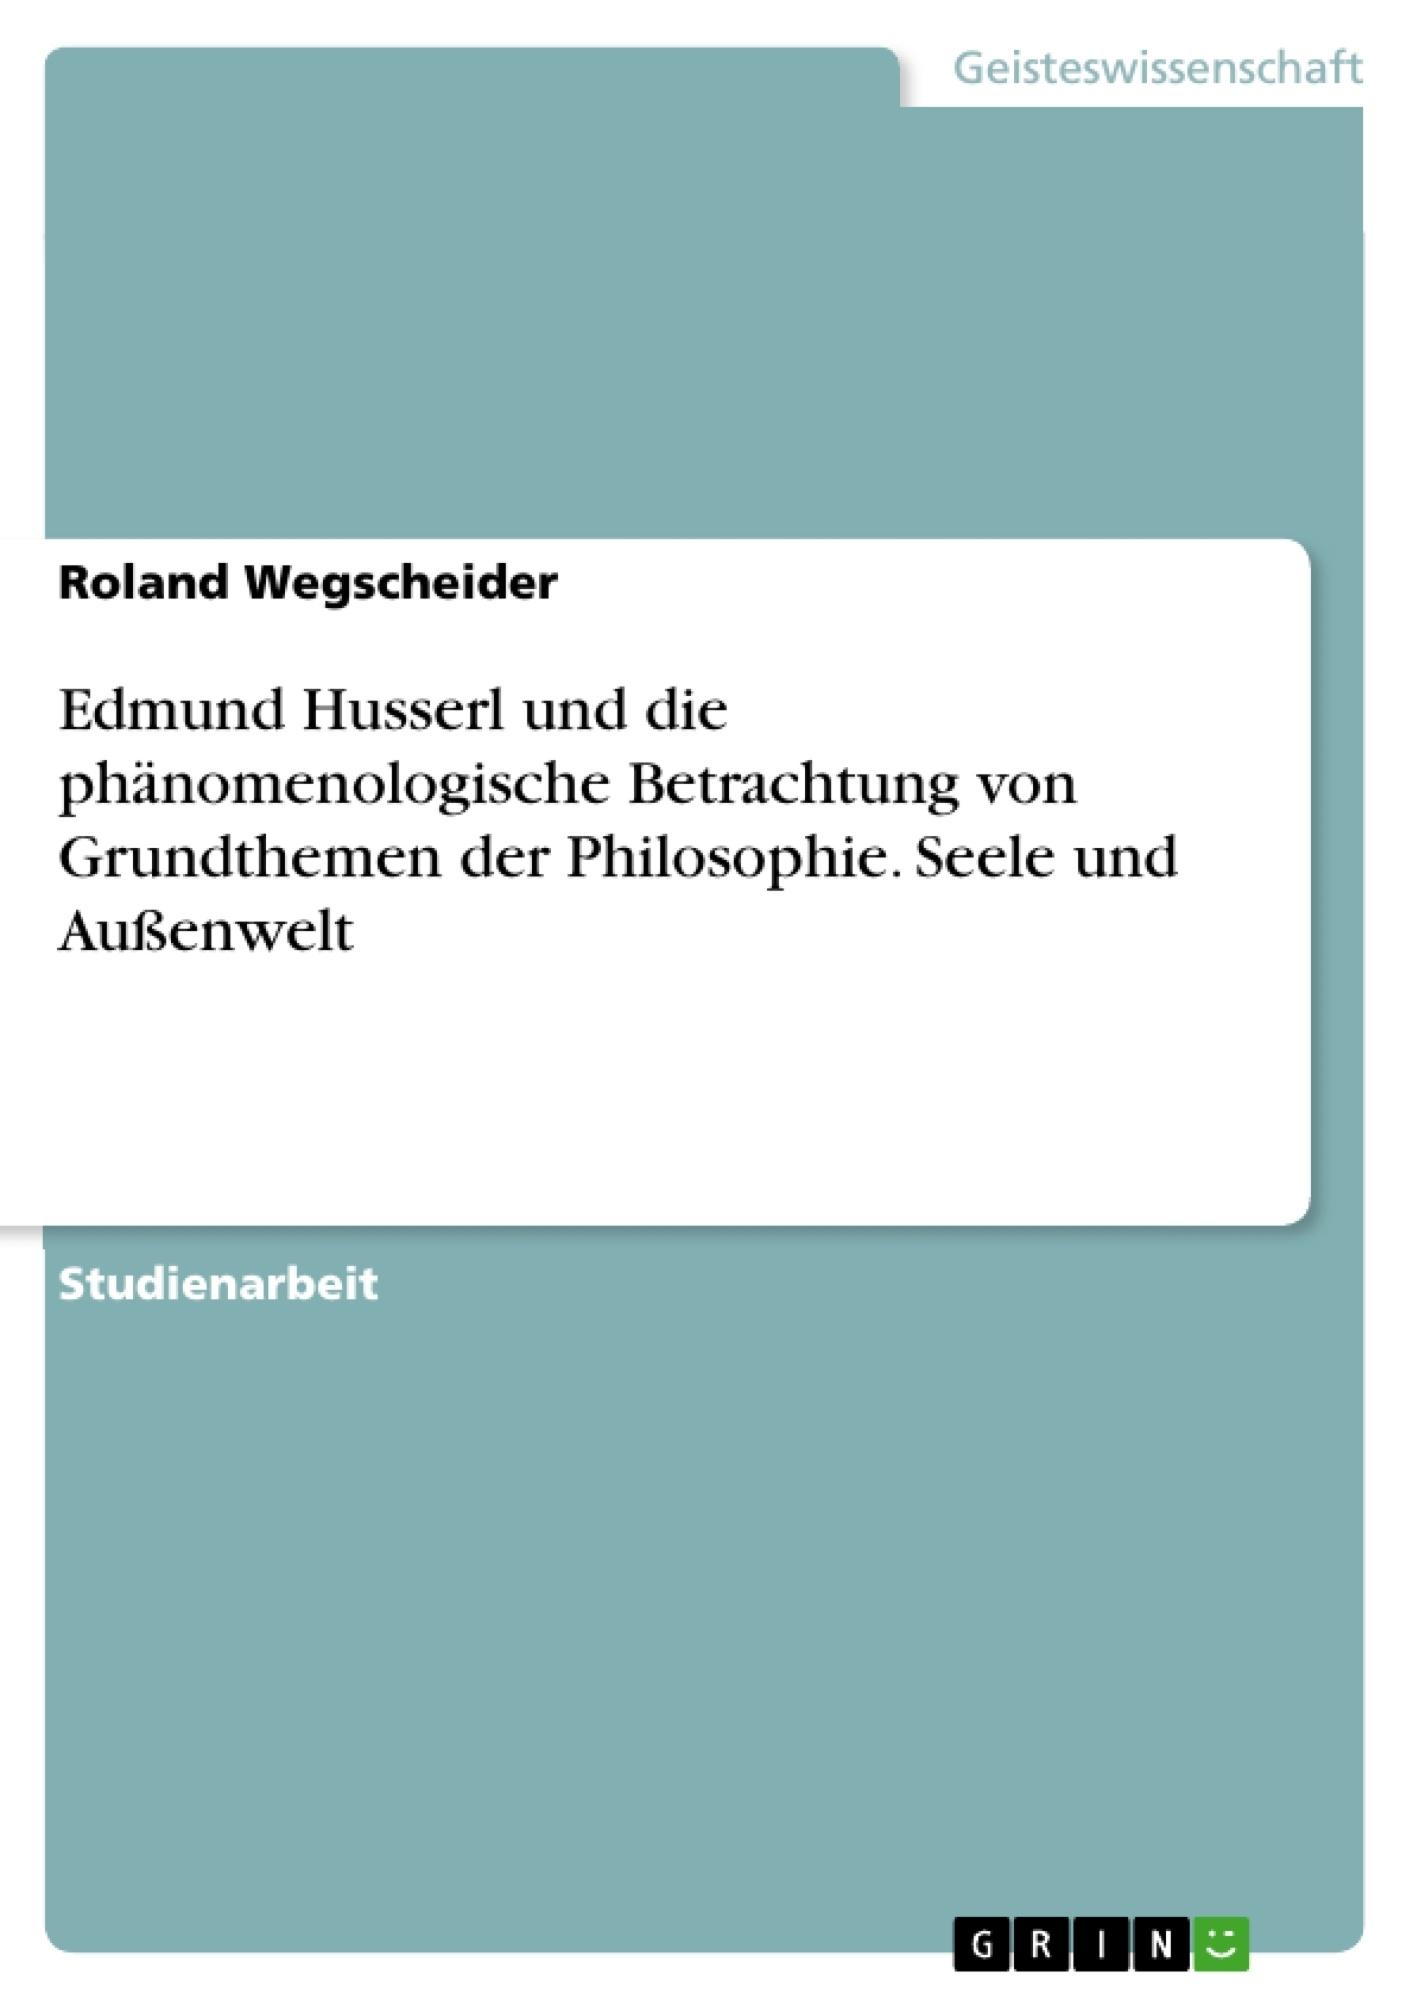 Titel: Edmund Husserl und die phänomenologische Betrachtung von Grundthemen der Philosophie. Seele und Außenwelt